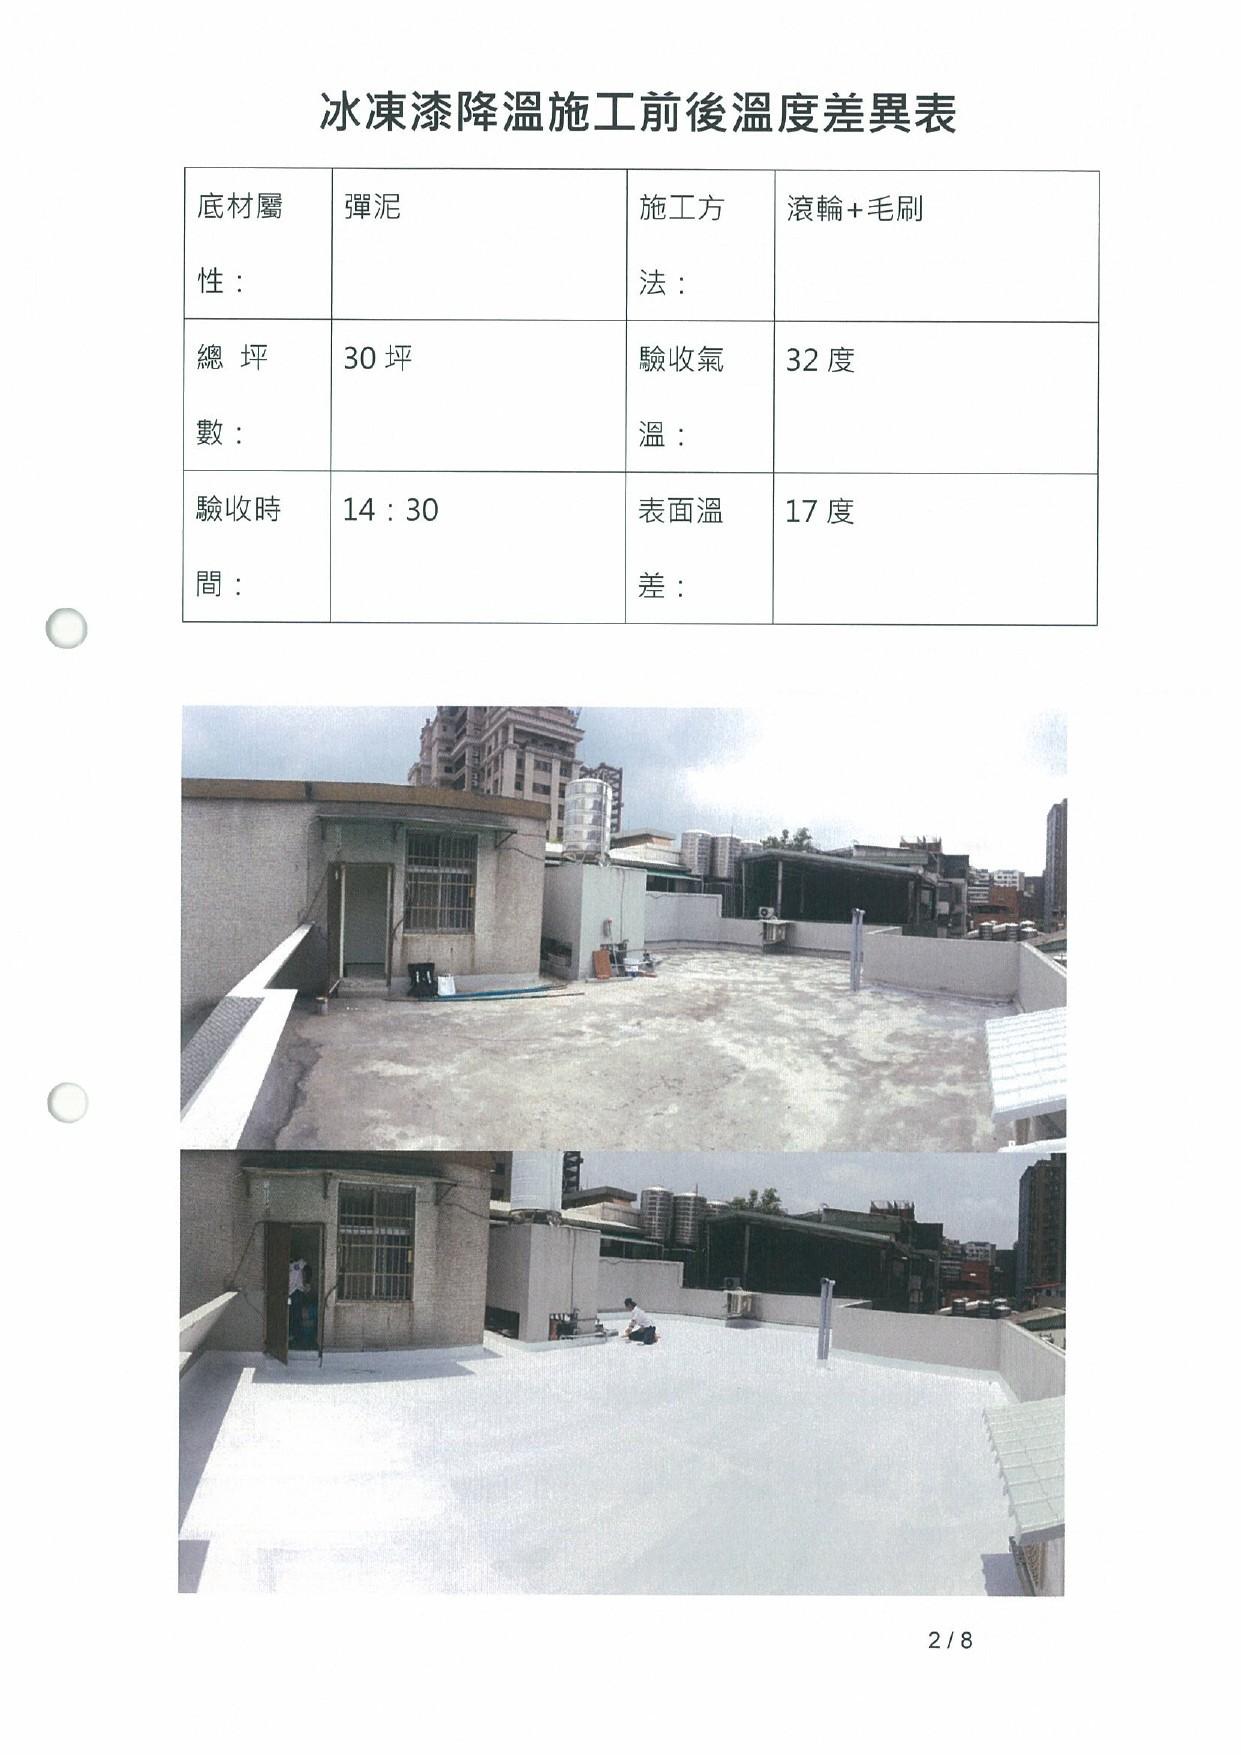 20180604-用戶服務保固書-八德路二段楊宅(水泥)-2